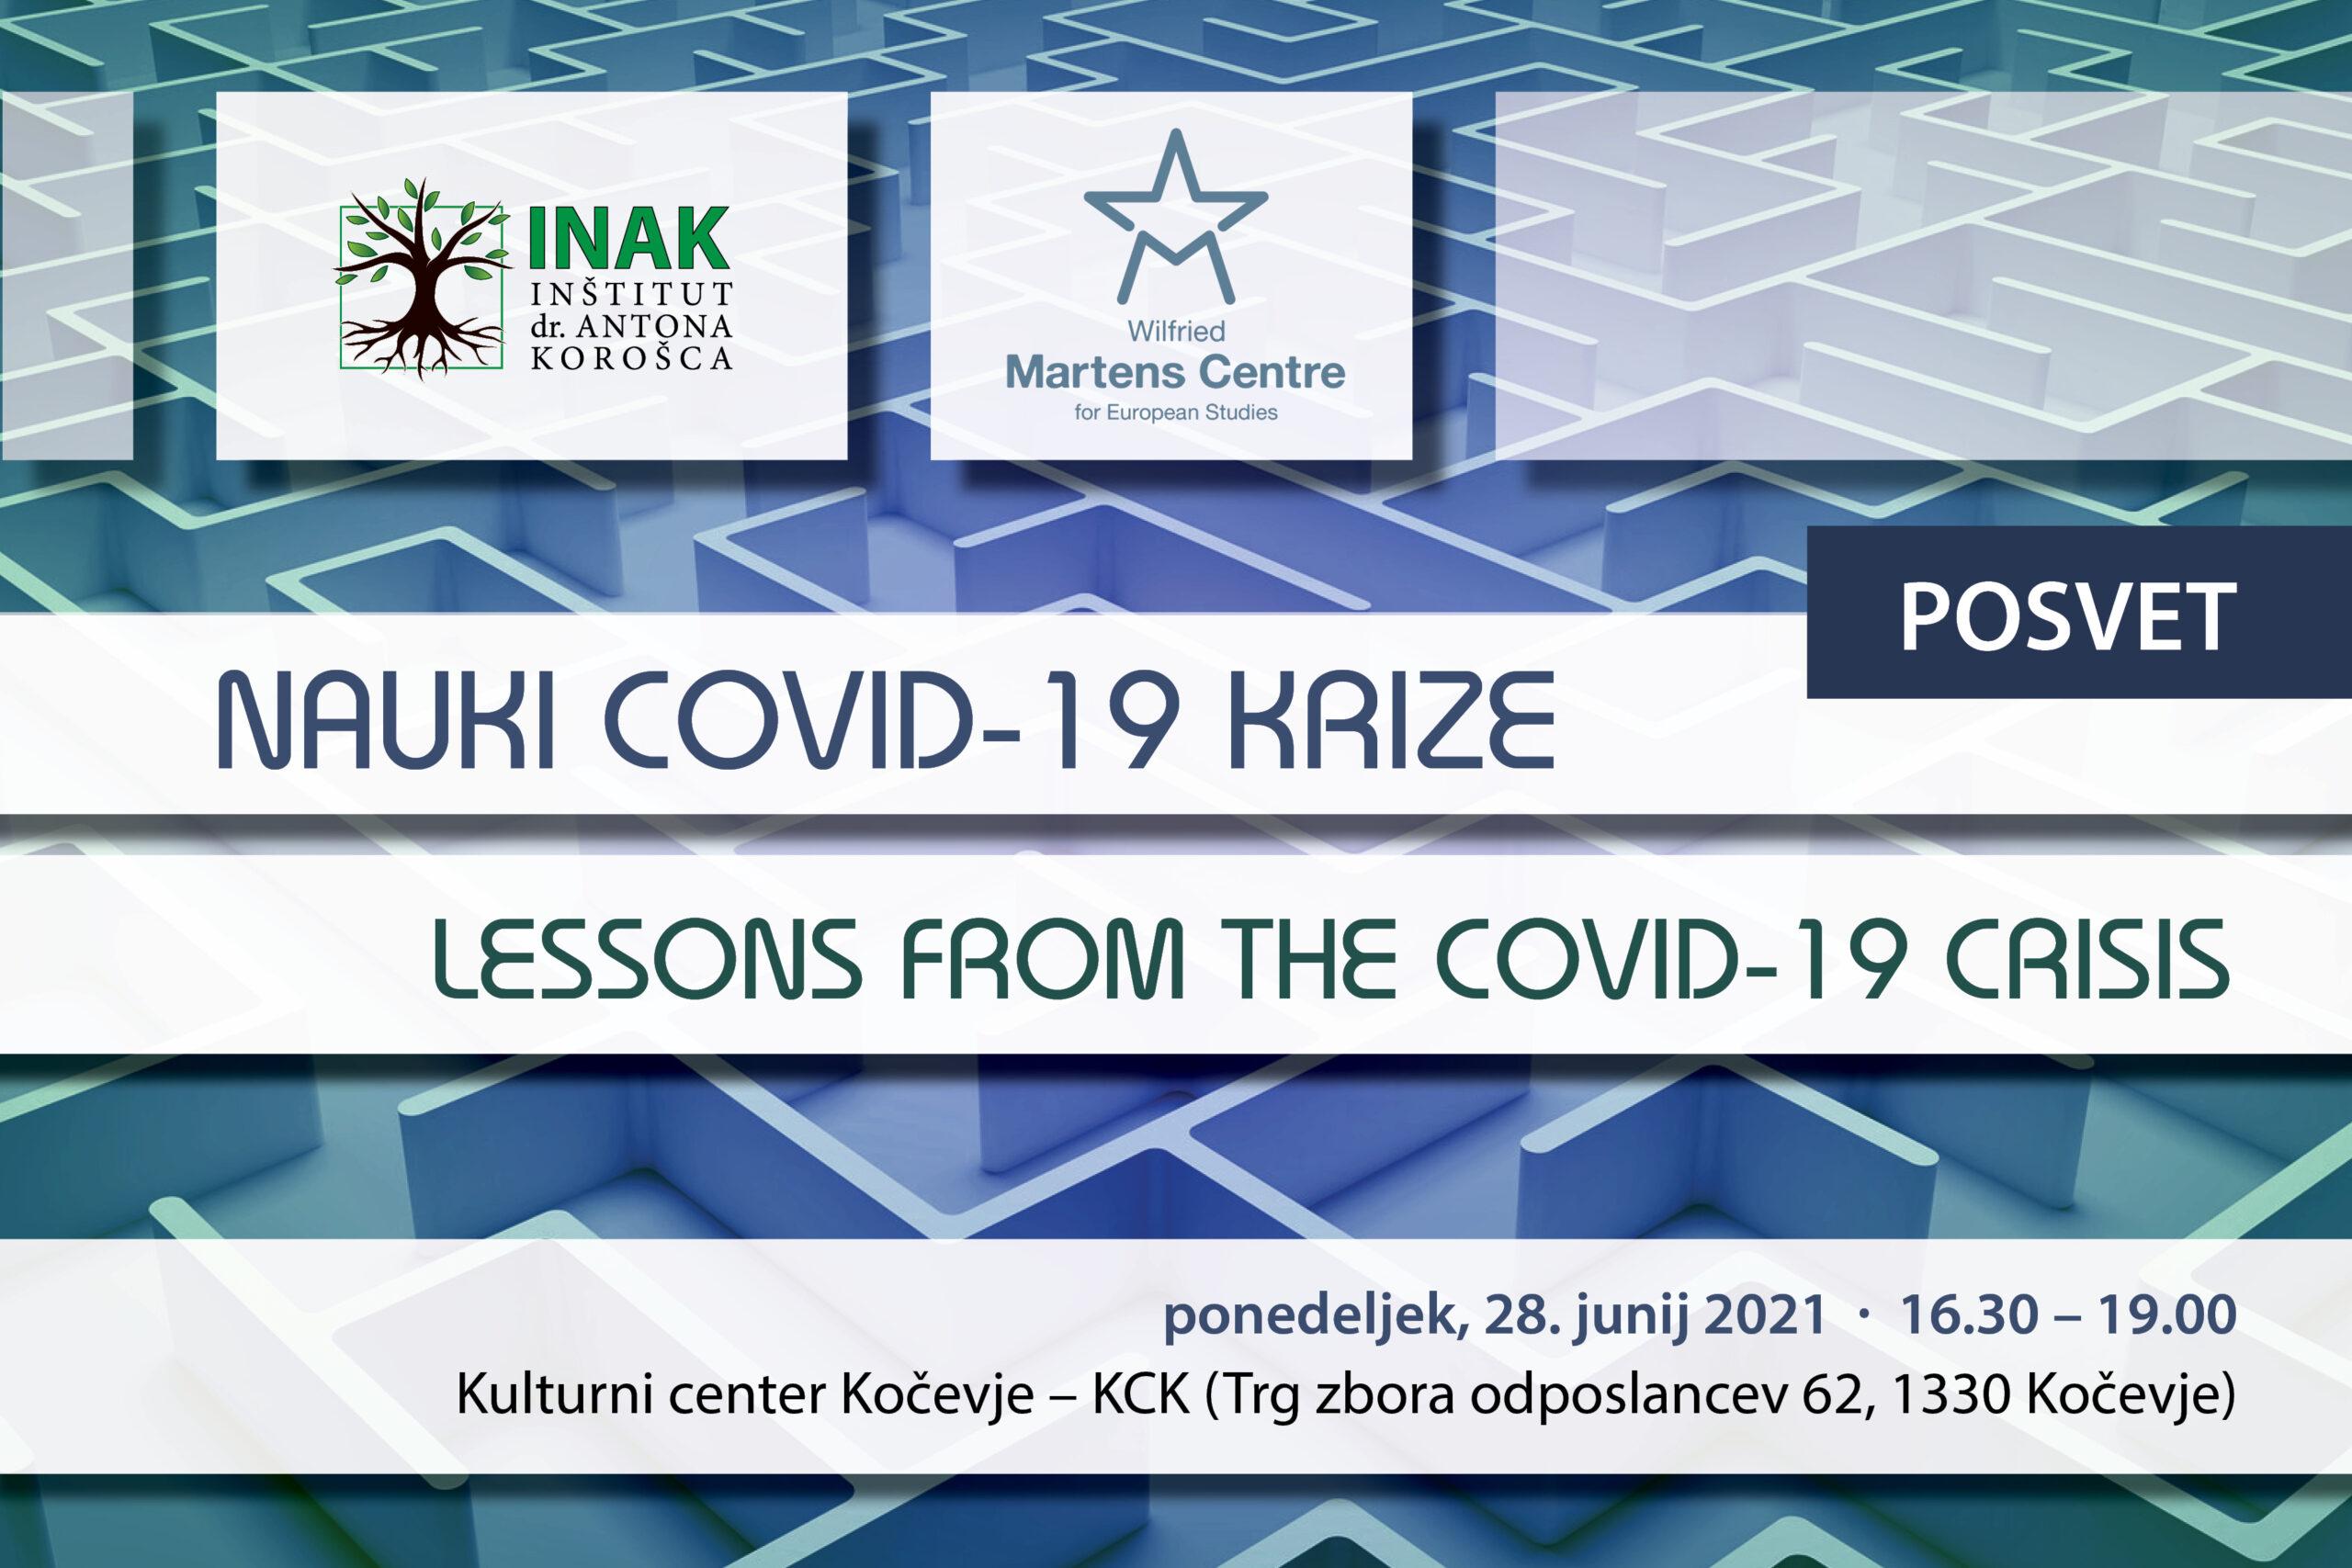 [NAPOVED]: Nauki covid-19 krize